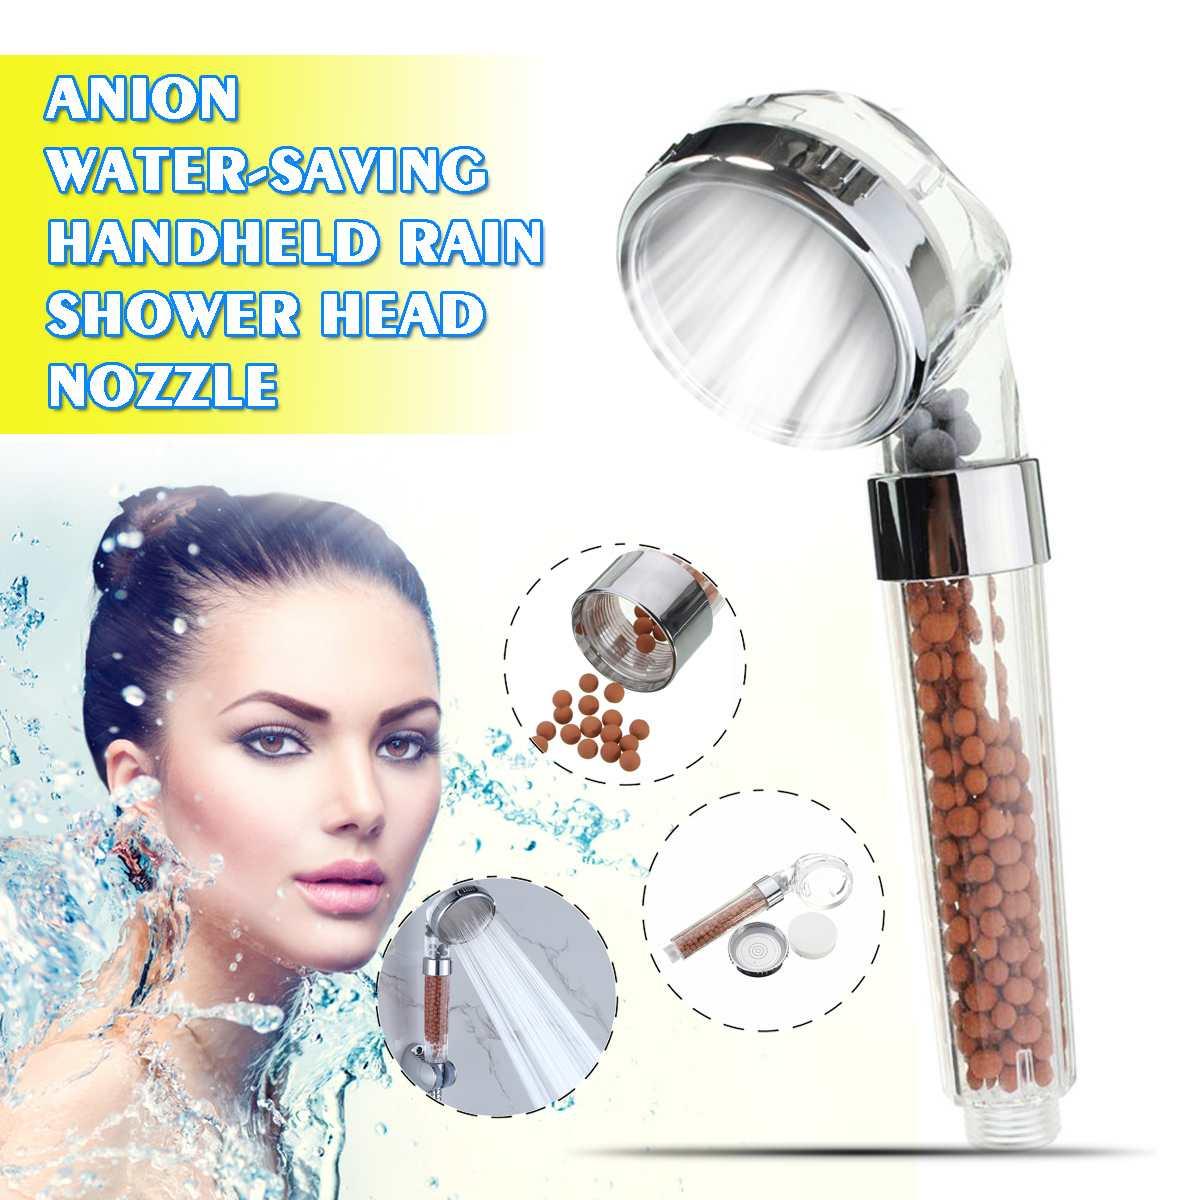 2020 NEUE Handheld Wasser Sparen Dusche Kopf Bad Dusche Düse Sprinkler Sprayer Filter Transparent Hand Dusche Kopf Showerhead